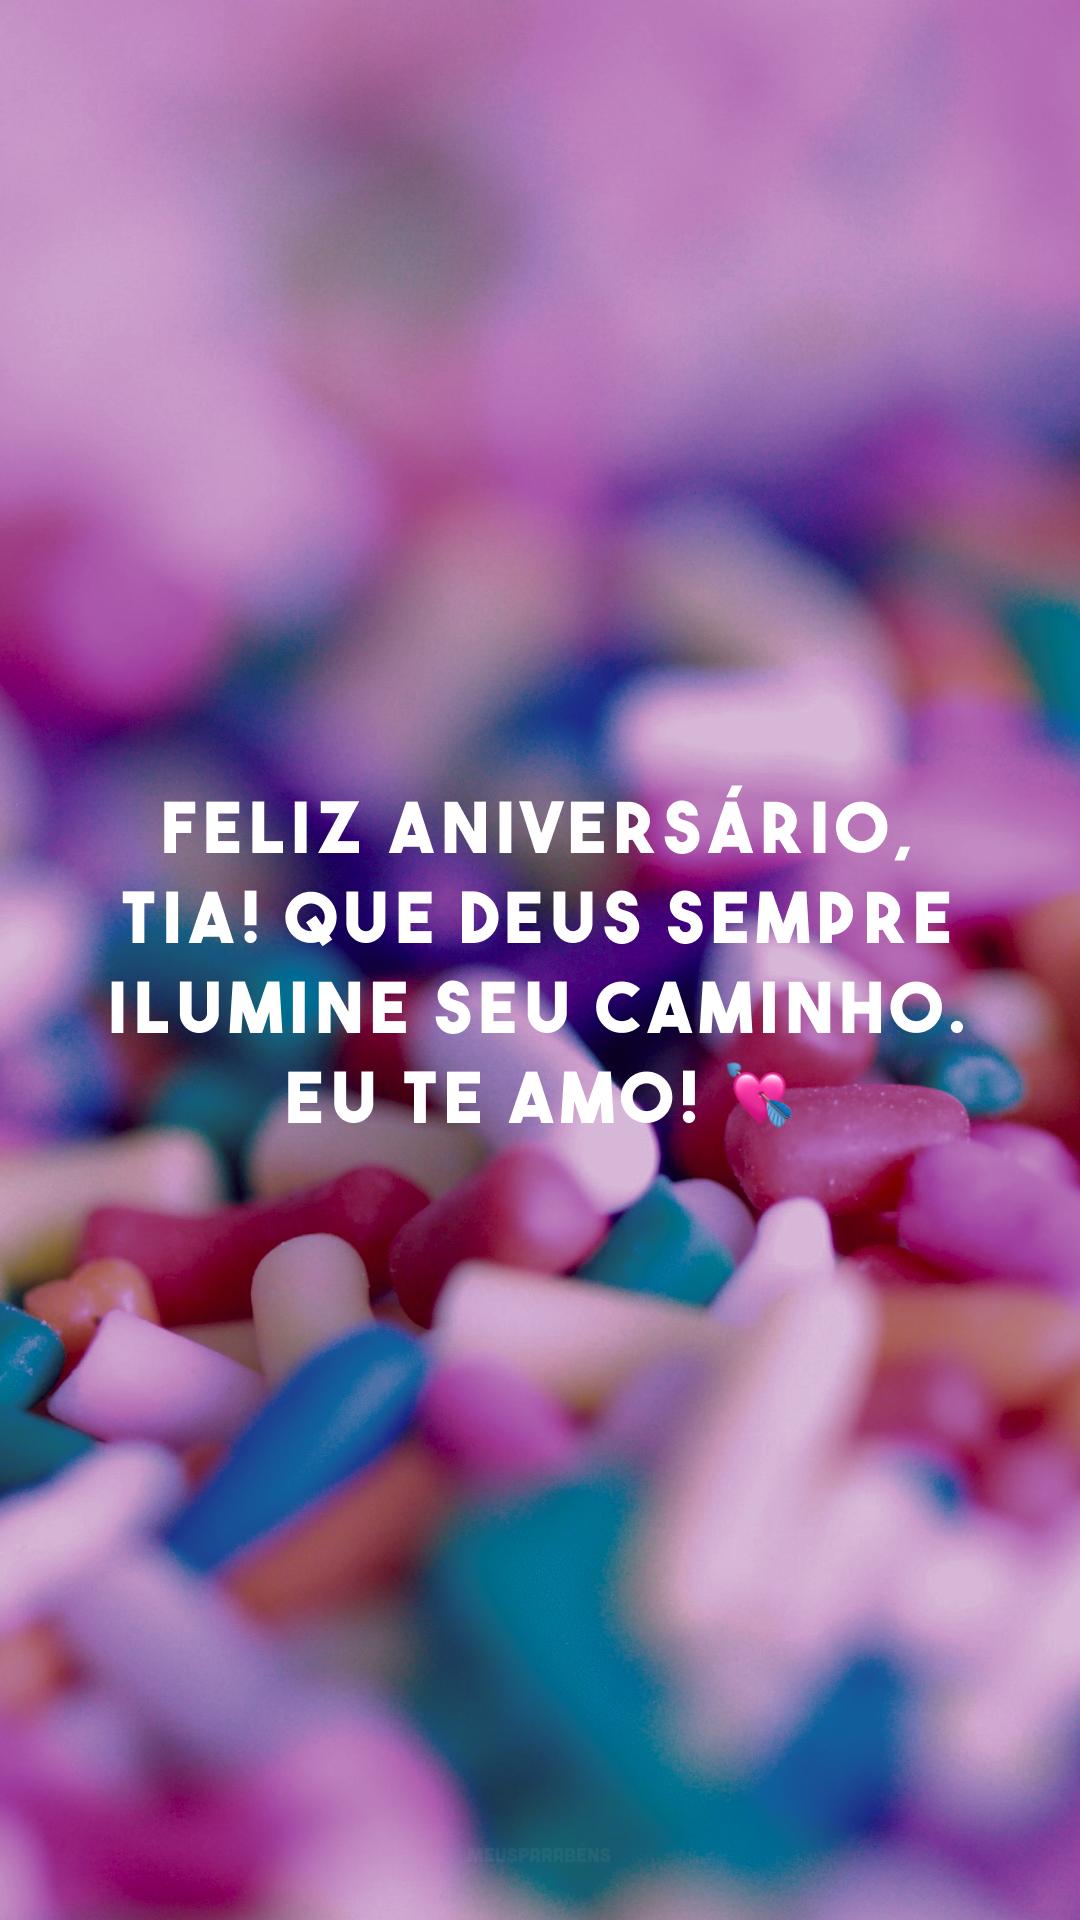 Feliz aniversário, tia! Que Deus sempre ilumine seu caminho. Eu te amo! 💘